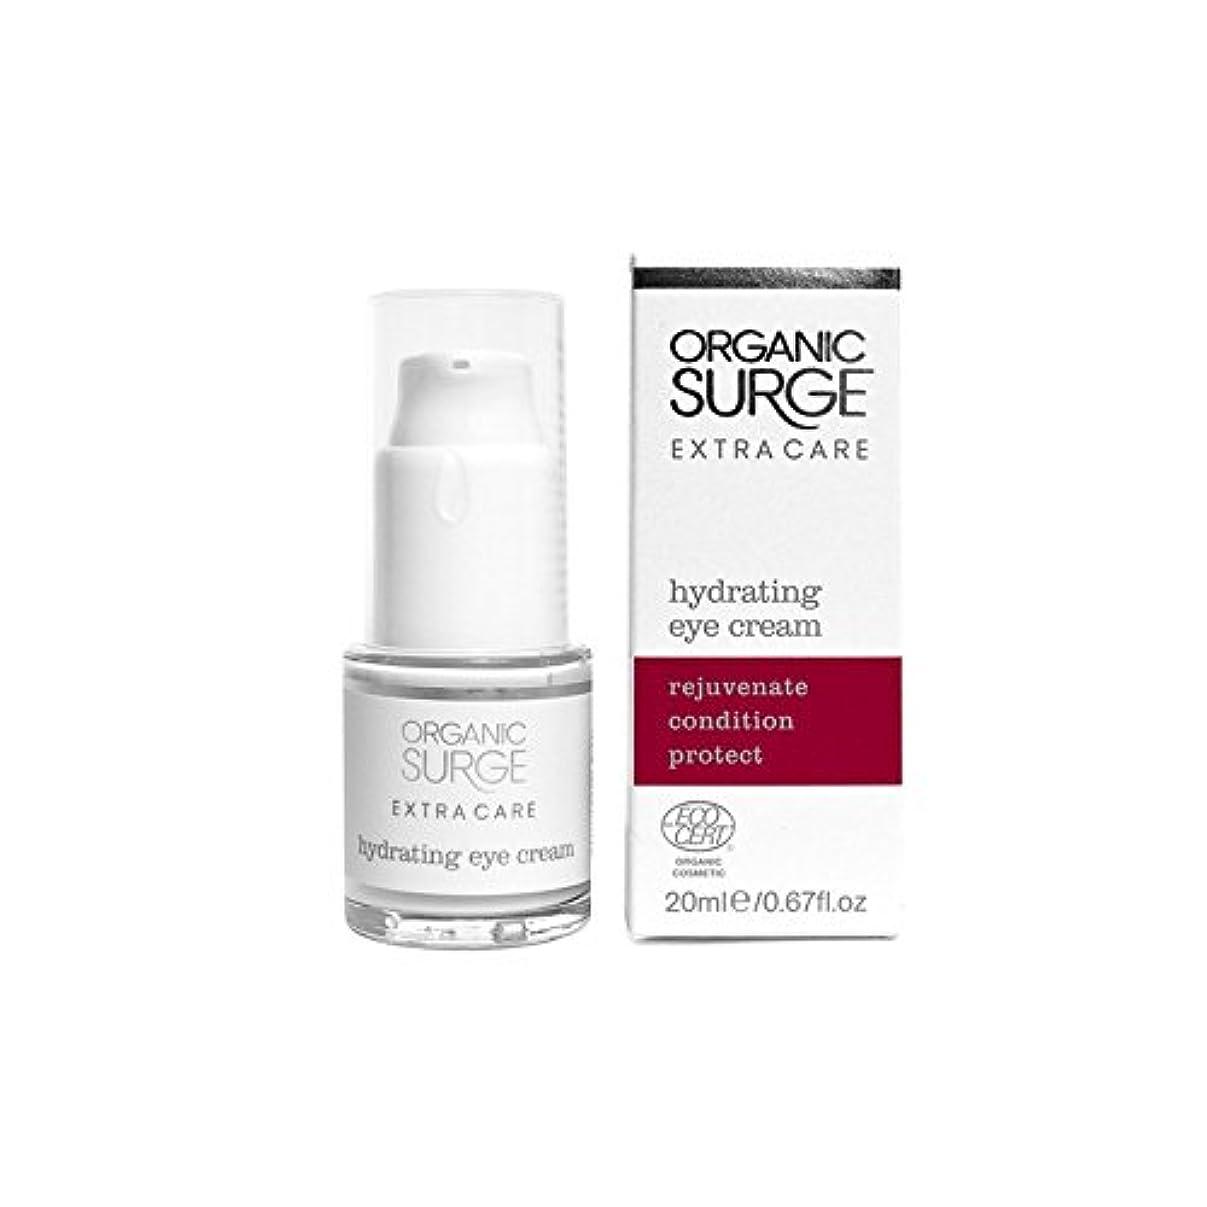 踏み台建設ミケランジェロ有機サージエクストラケア水和アイクリーム(20ミリリットル) x4 - Organic Surge Extra Care Hydrating Eye Cream (20ml) (Pack of 4) [並行輸入品]